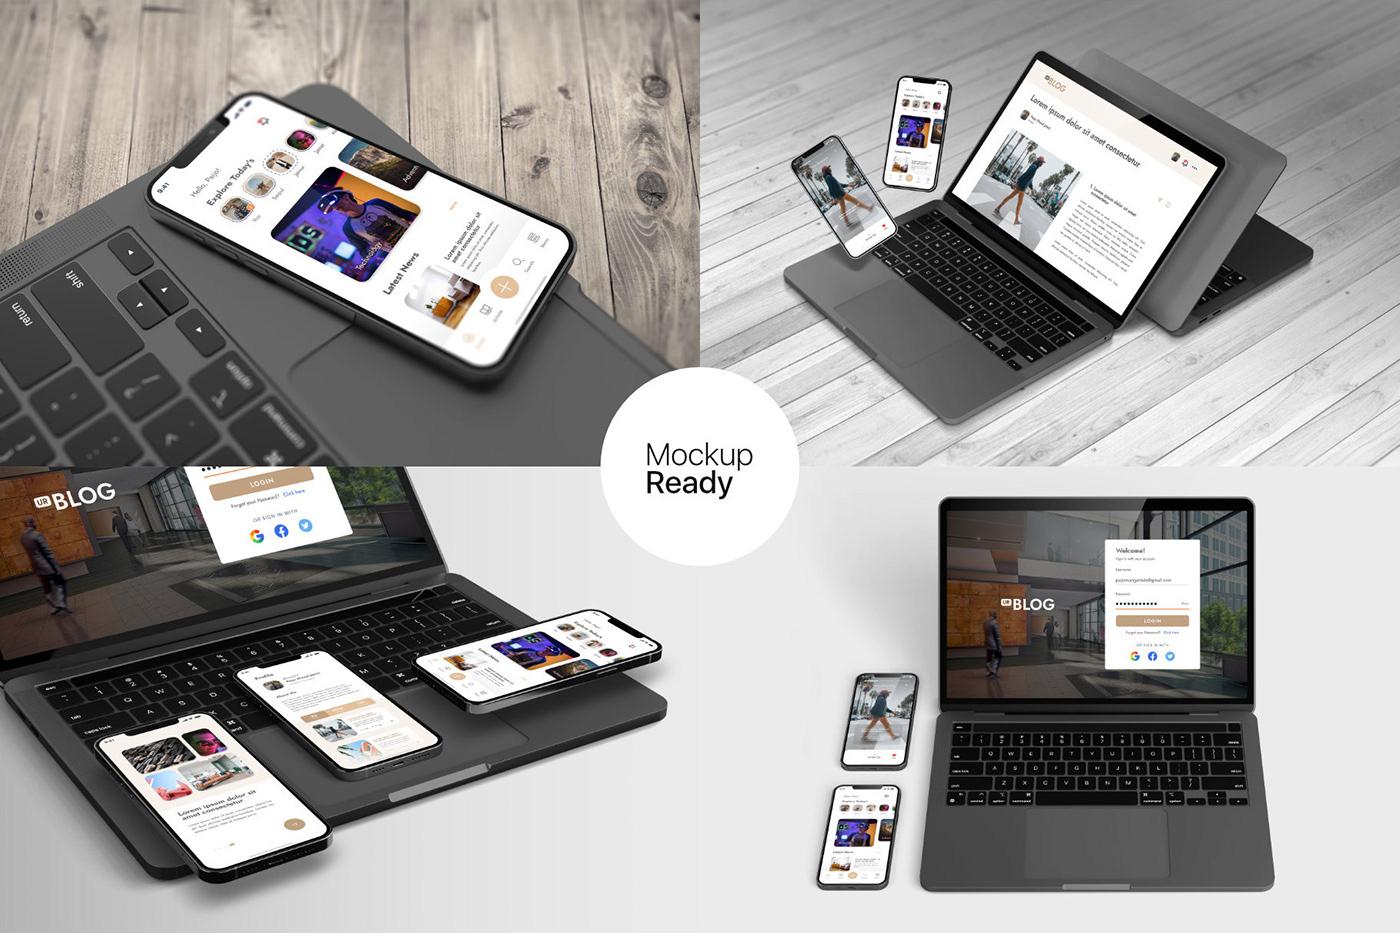 15个自适应网页APP界面设计苹果设备屏幕演示样机模板 UI/UX App Presentation – Phone & Notebook Mockup插图10